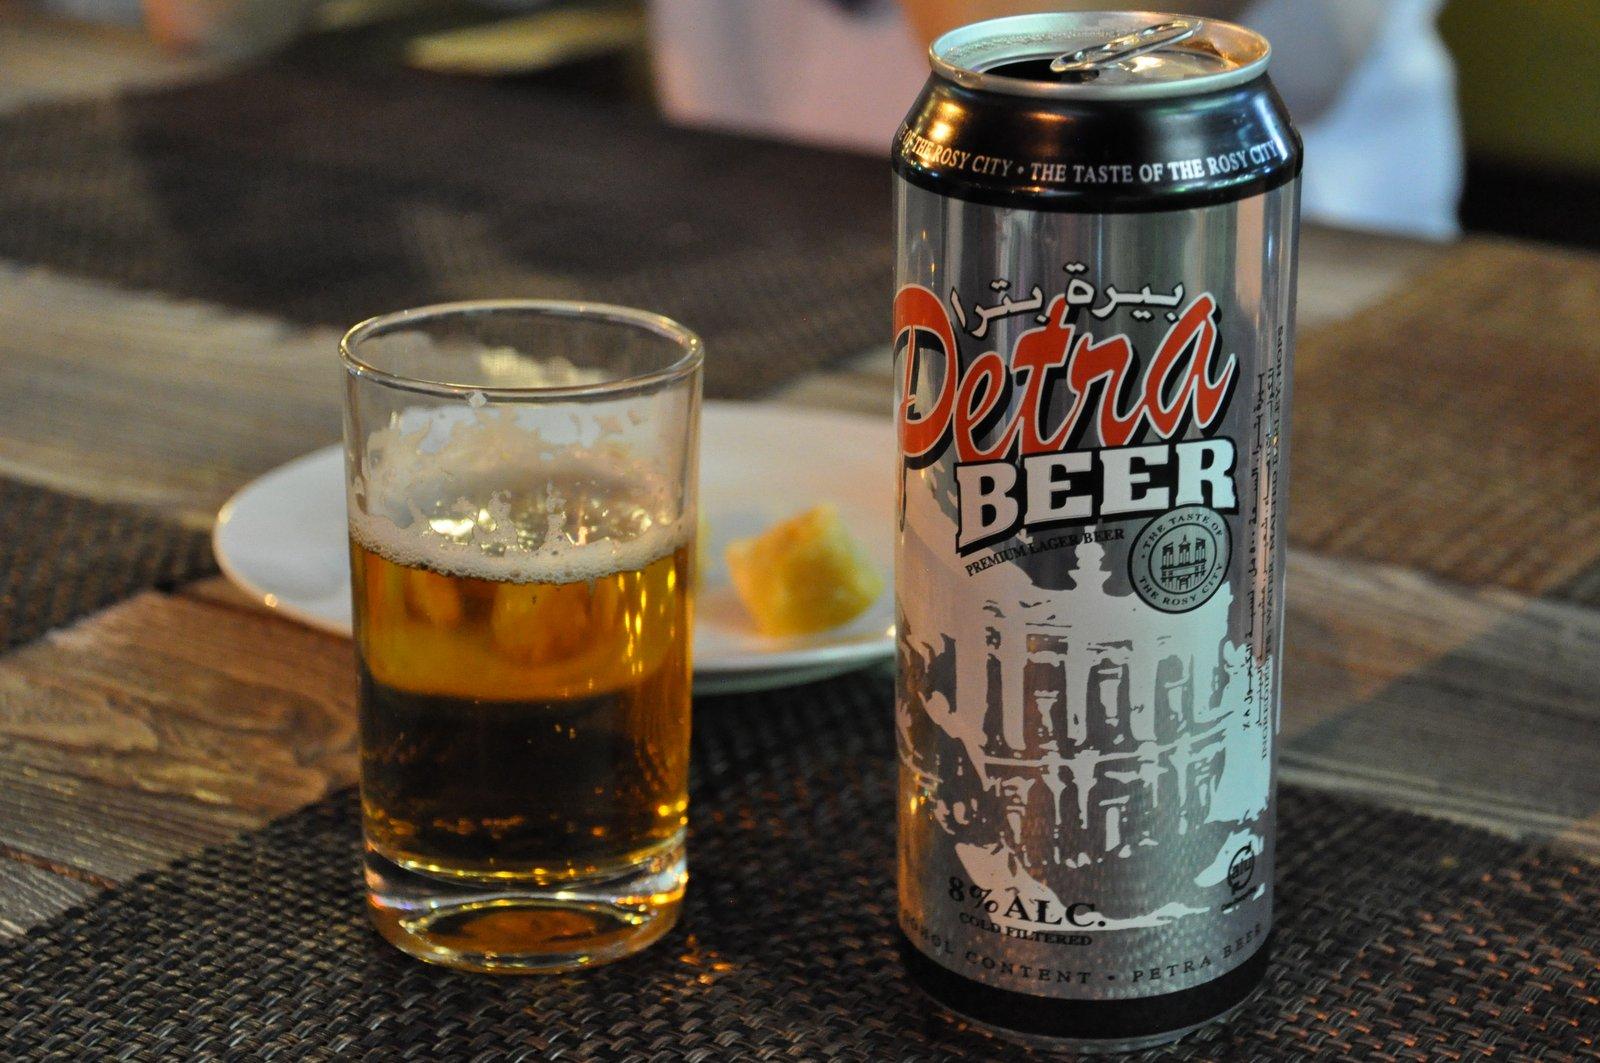 cerveza jordan cerveza petra